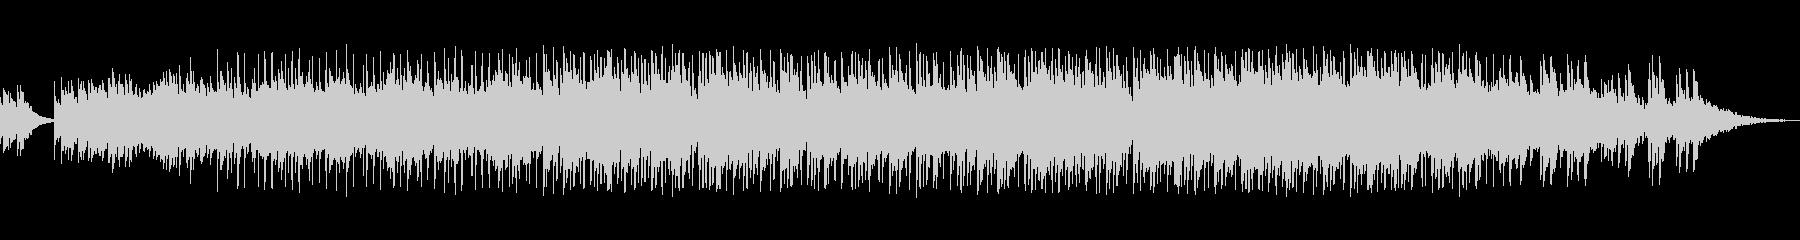 ノスタルジックムーディなハーモニカの未再生の波形